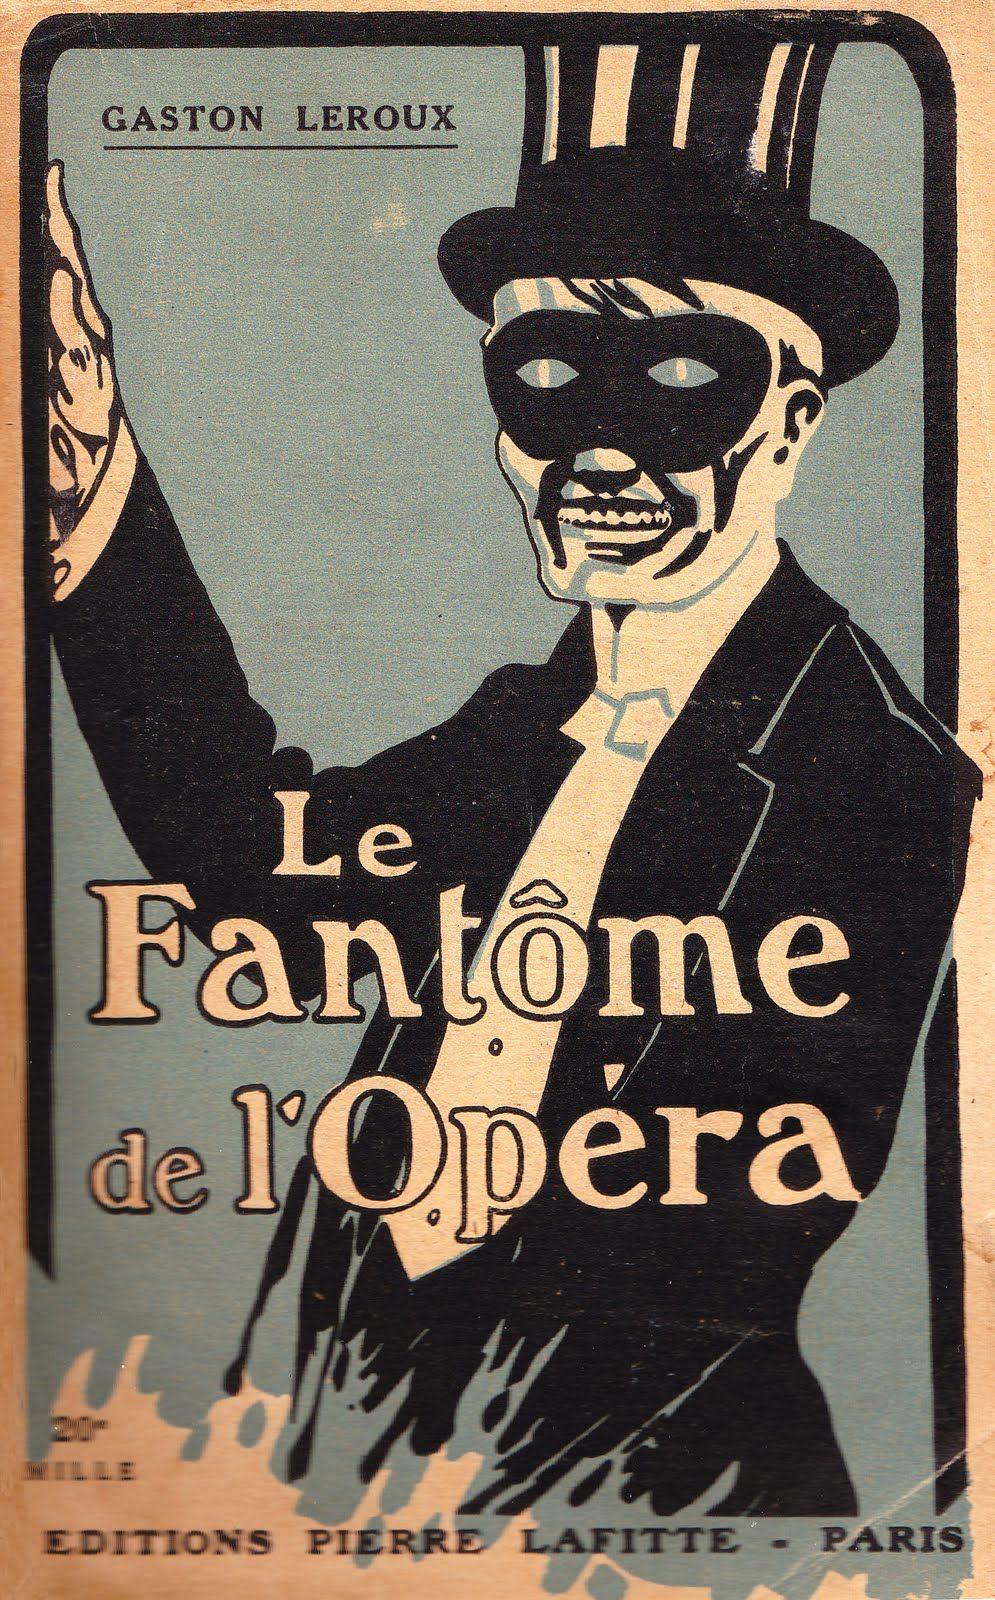 Le Fantôme de l'Opéra - Gaston Leroux - SensCritique